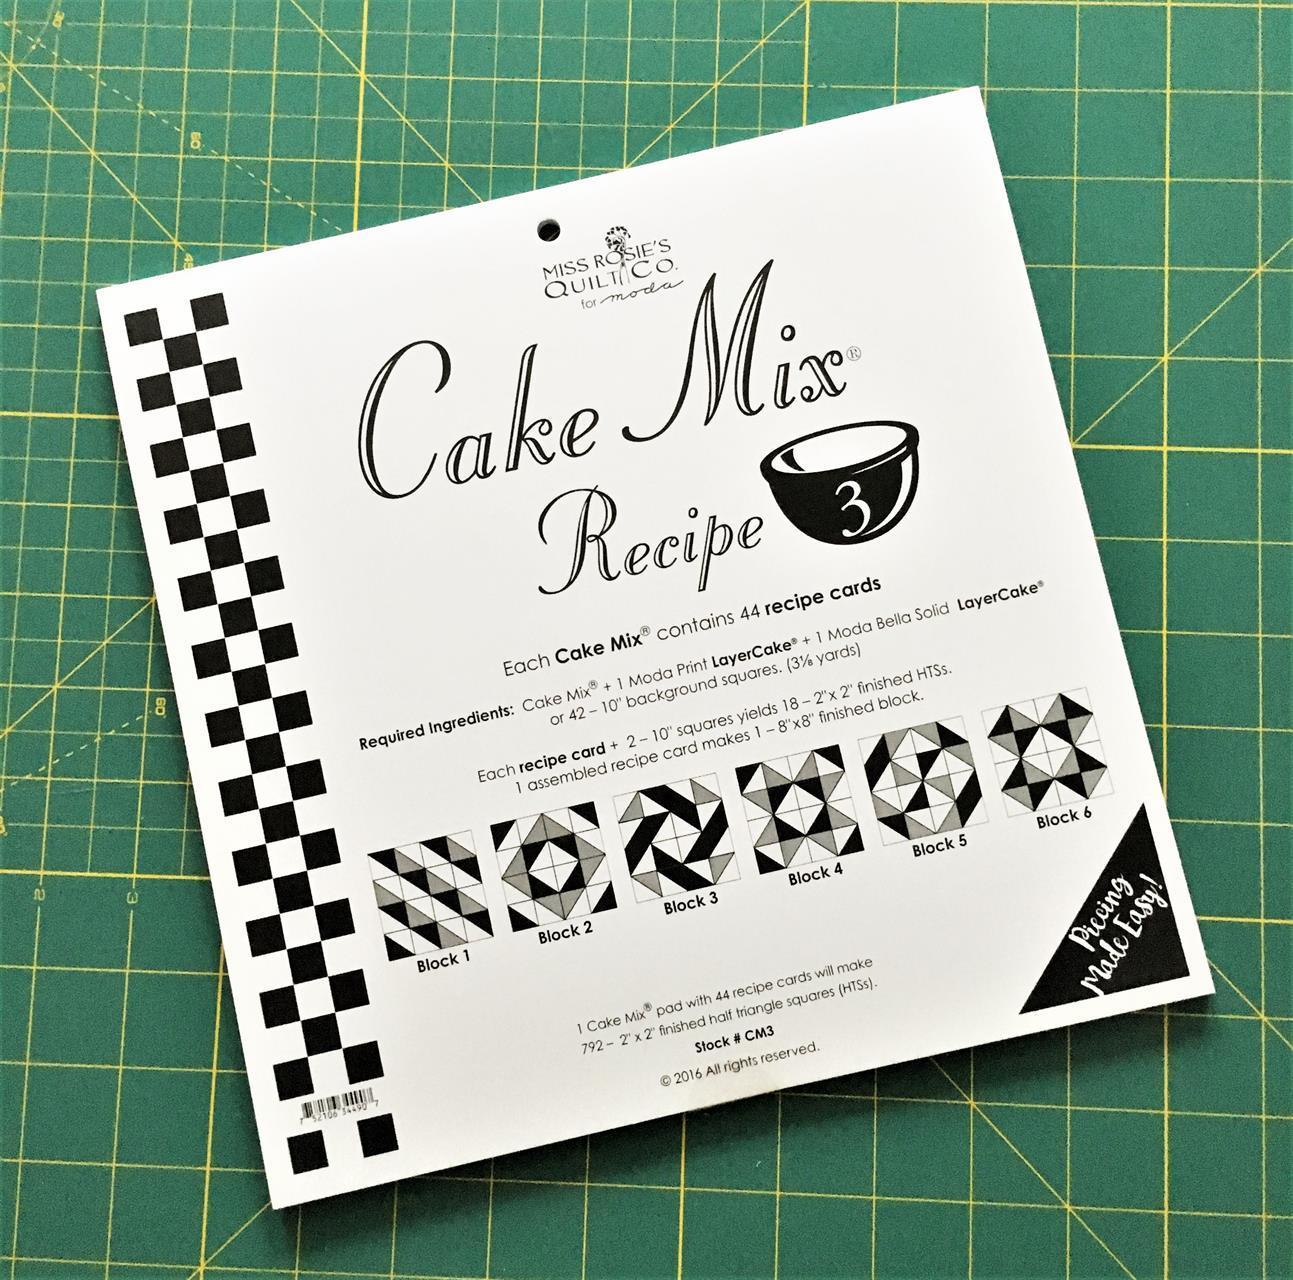 Cake Mix Recipe nr. 3